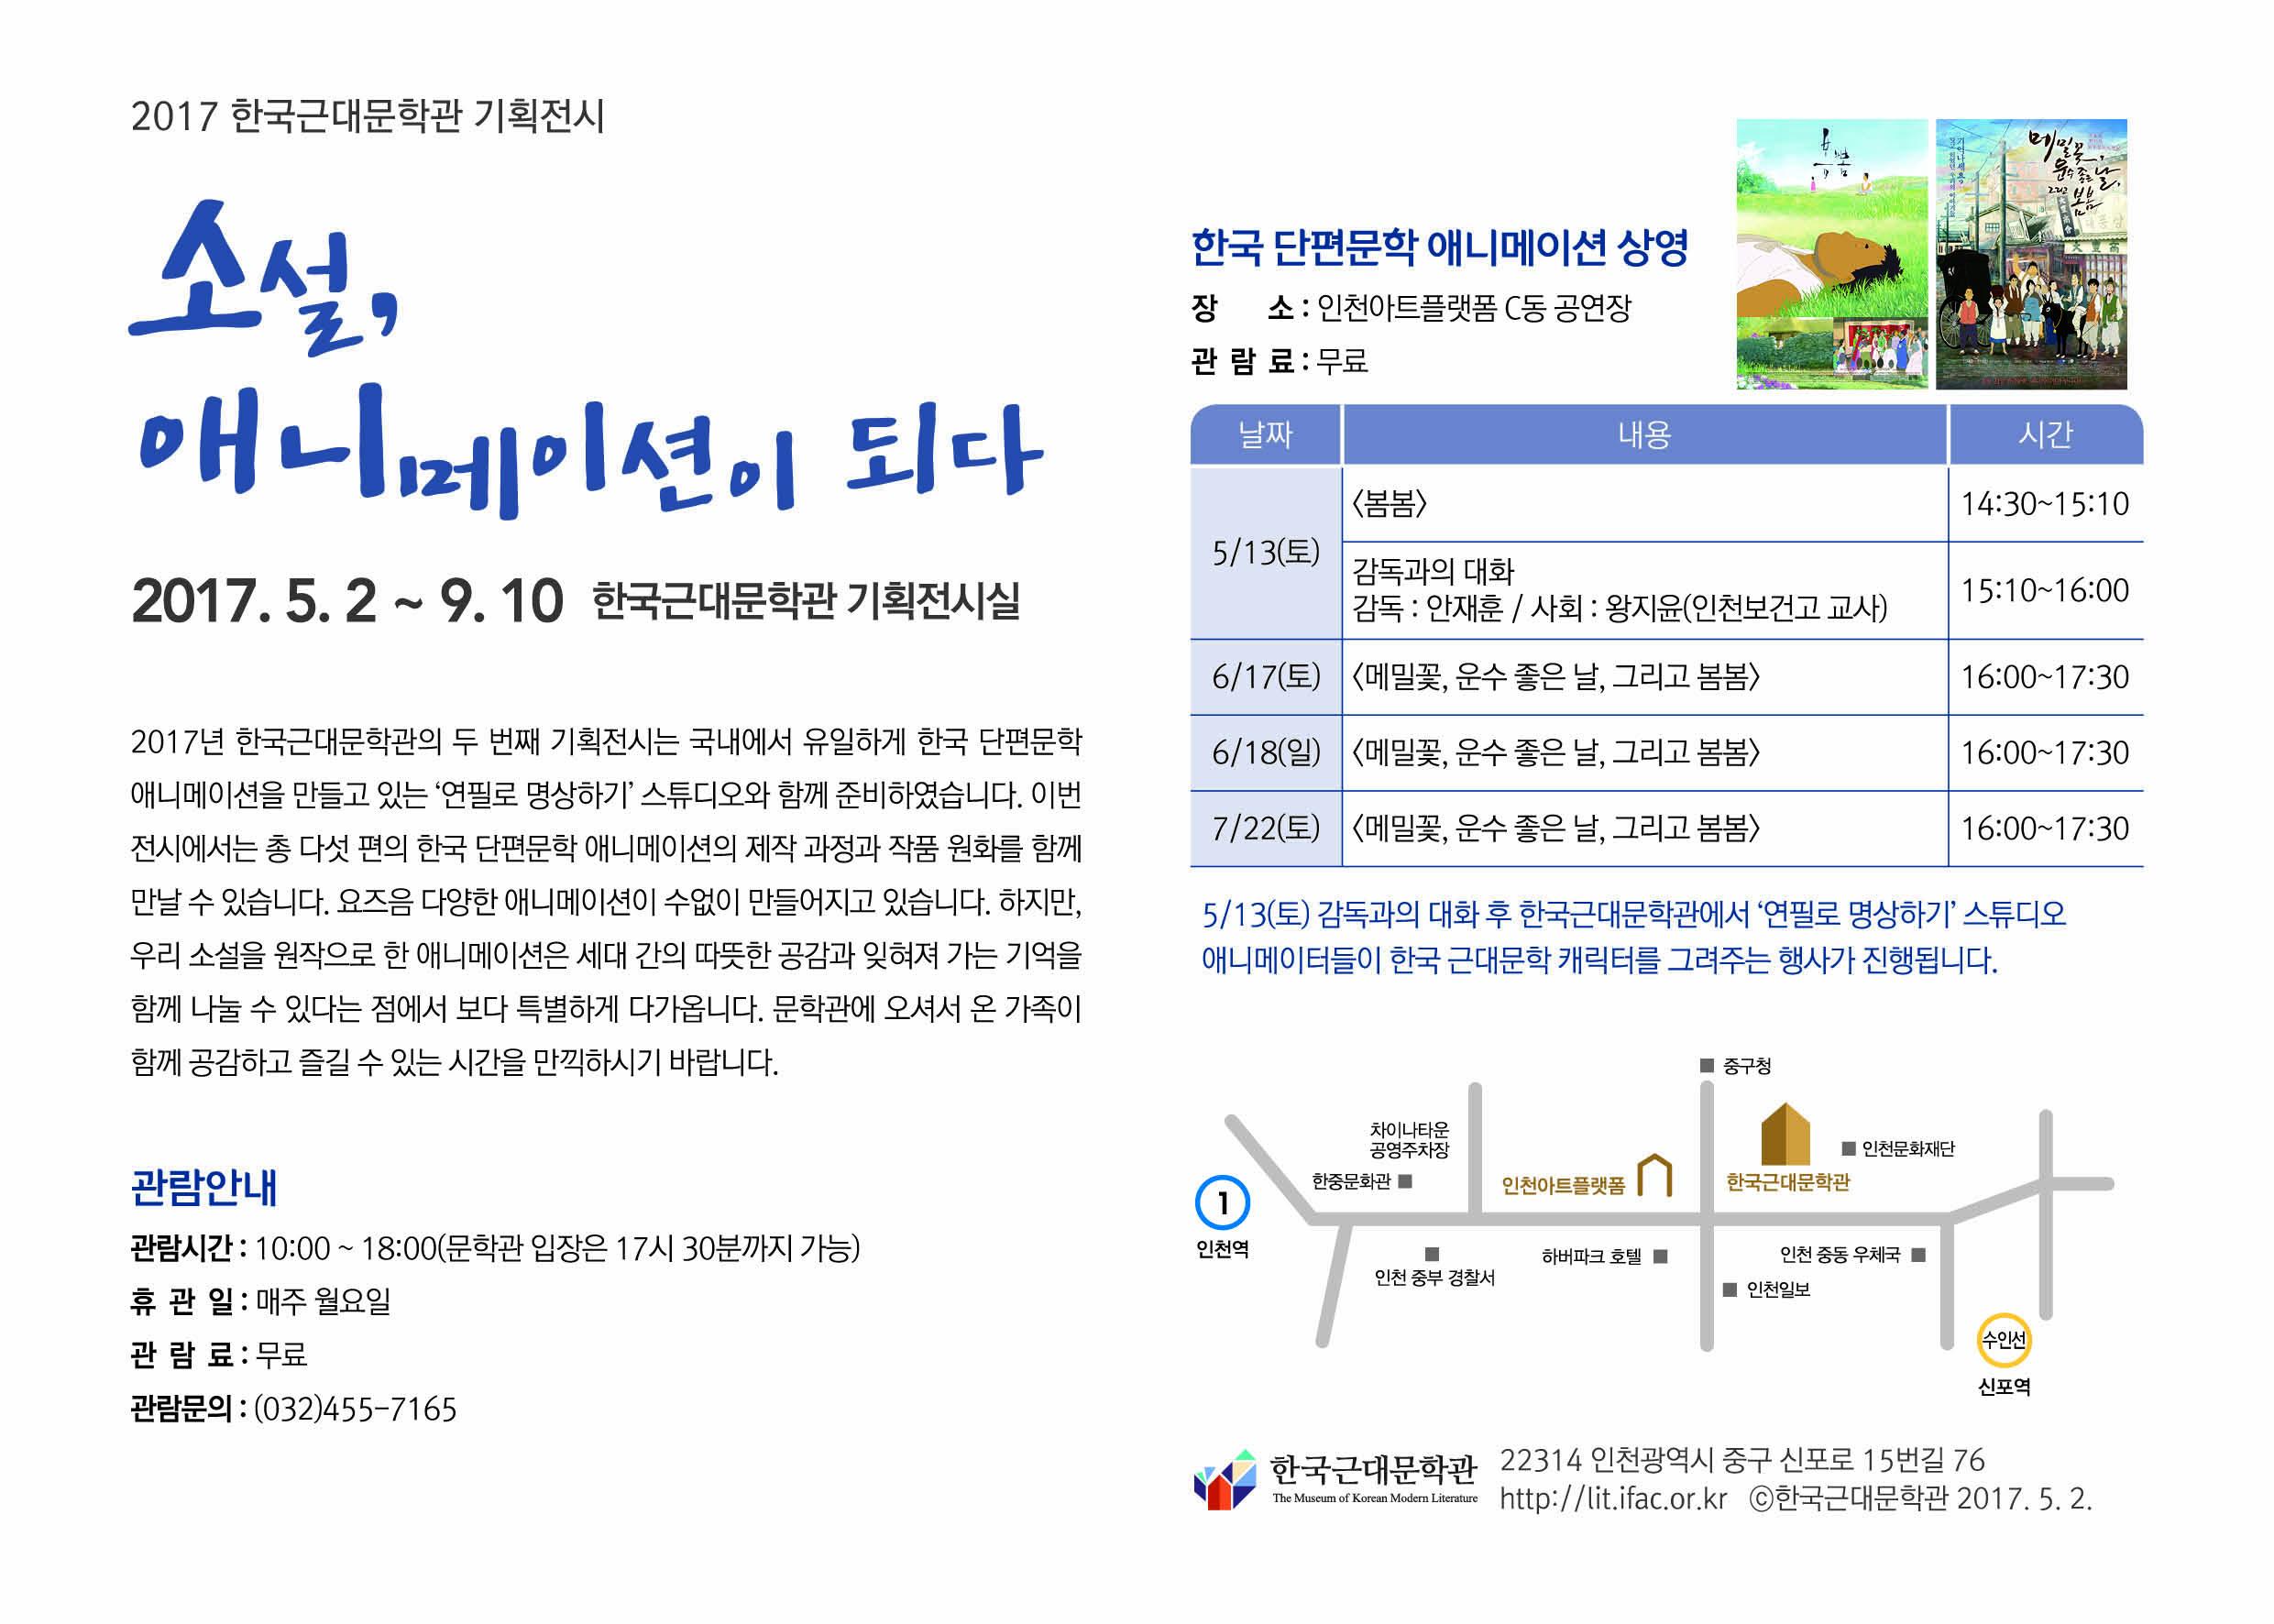 한국근대문학관_소설 애니메이션이되다.jpg